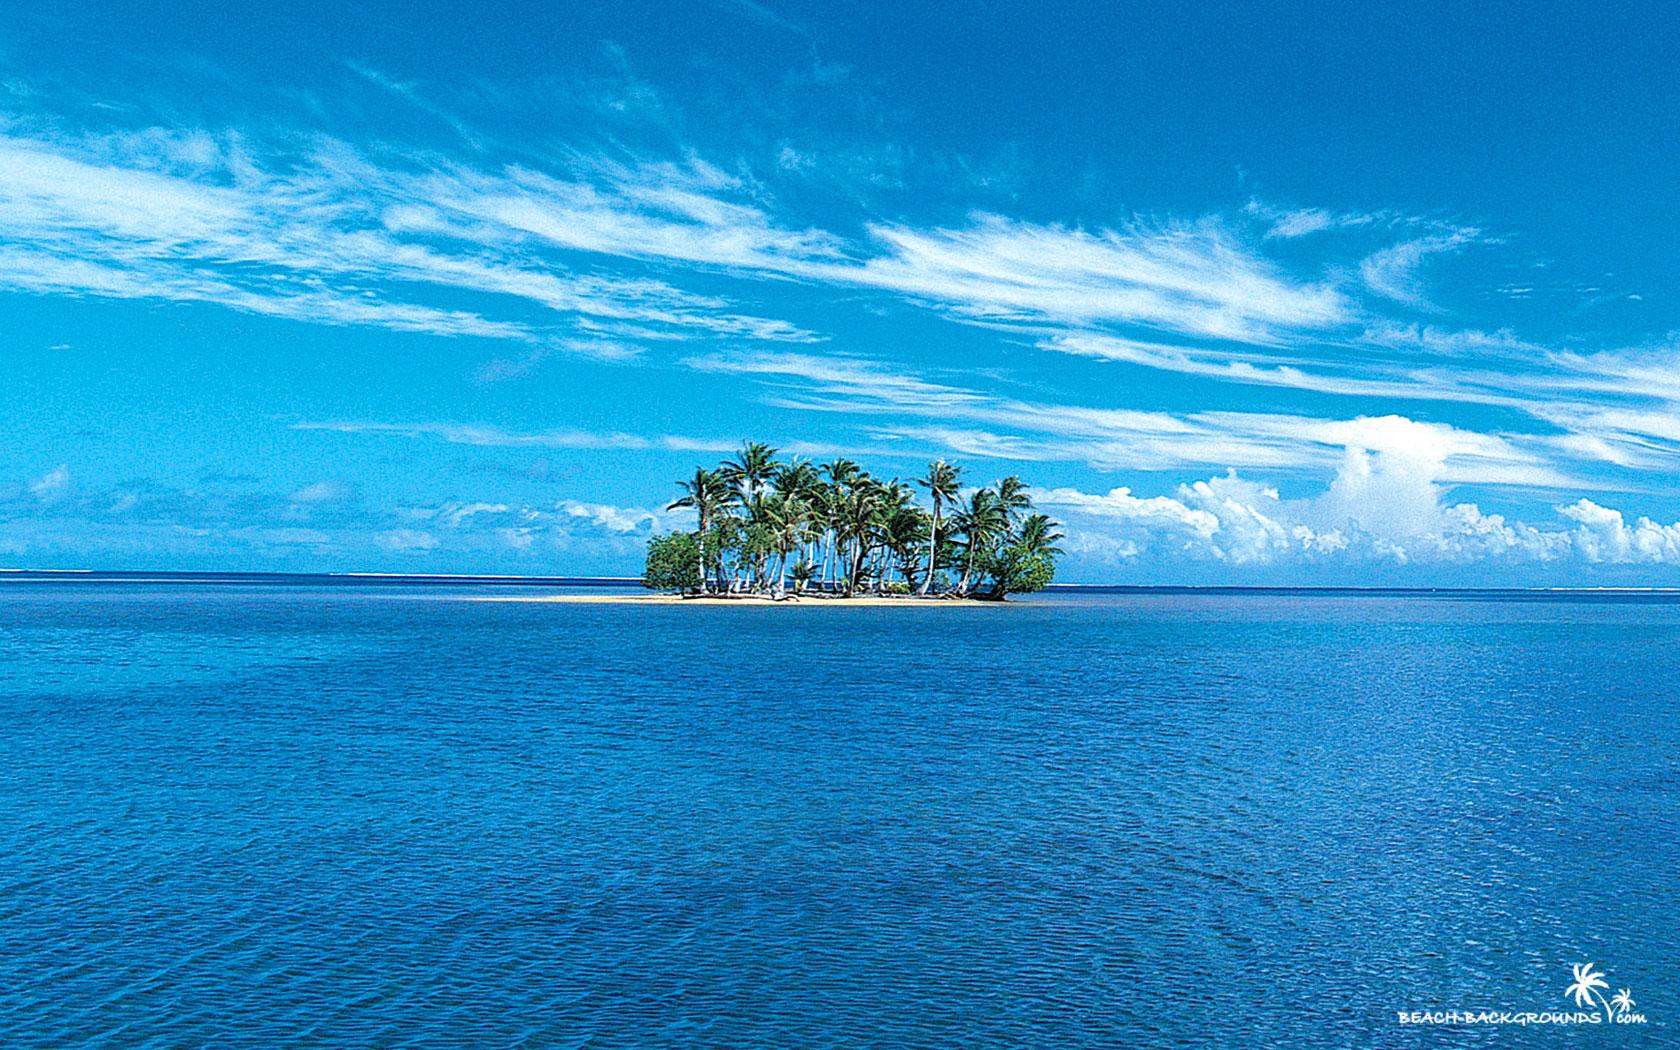 Ocean Background Download HD Wallpapers 1680x1050